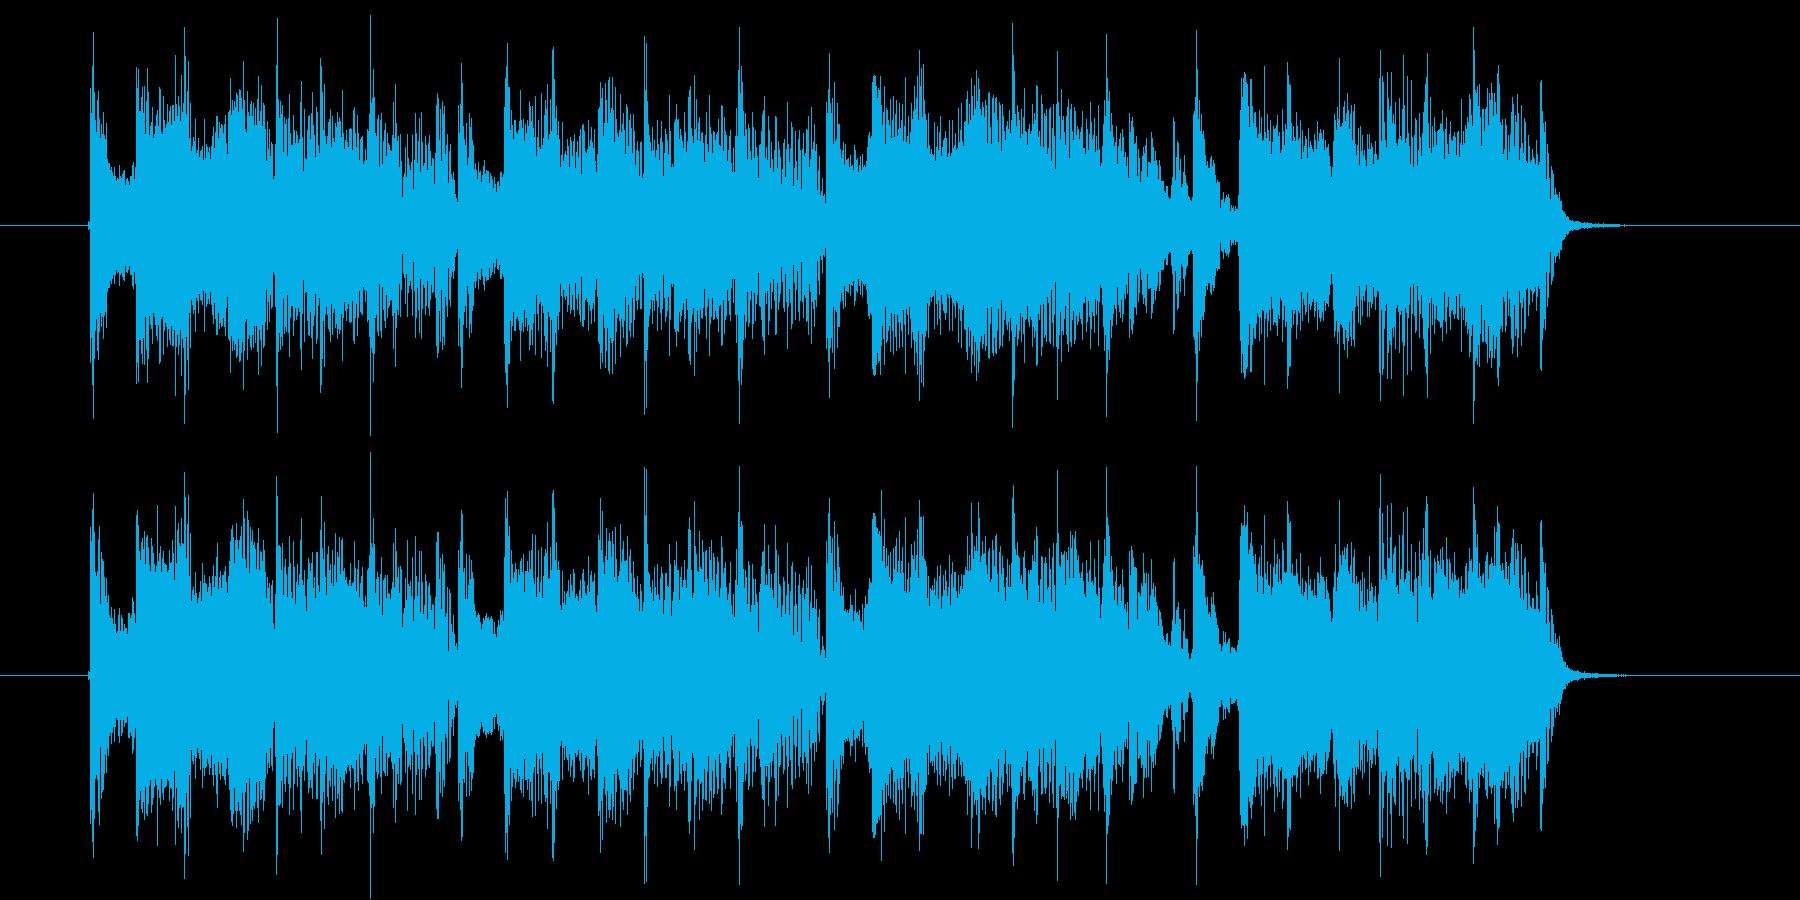 ディスコサウンドの再生済みの波形